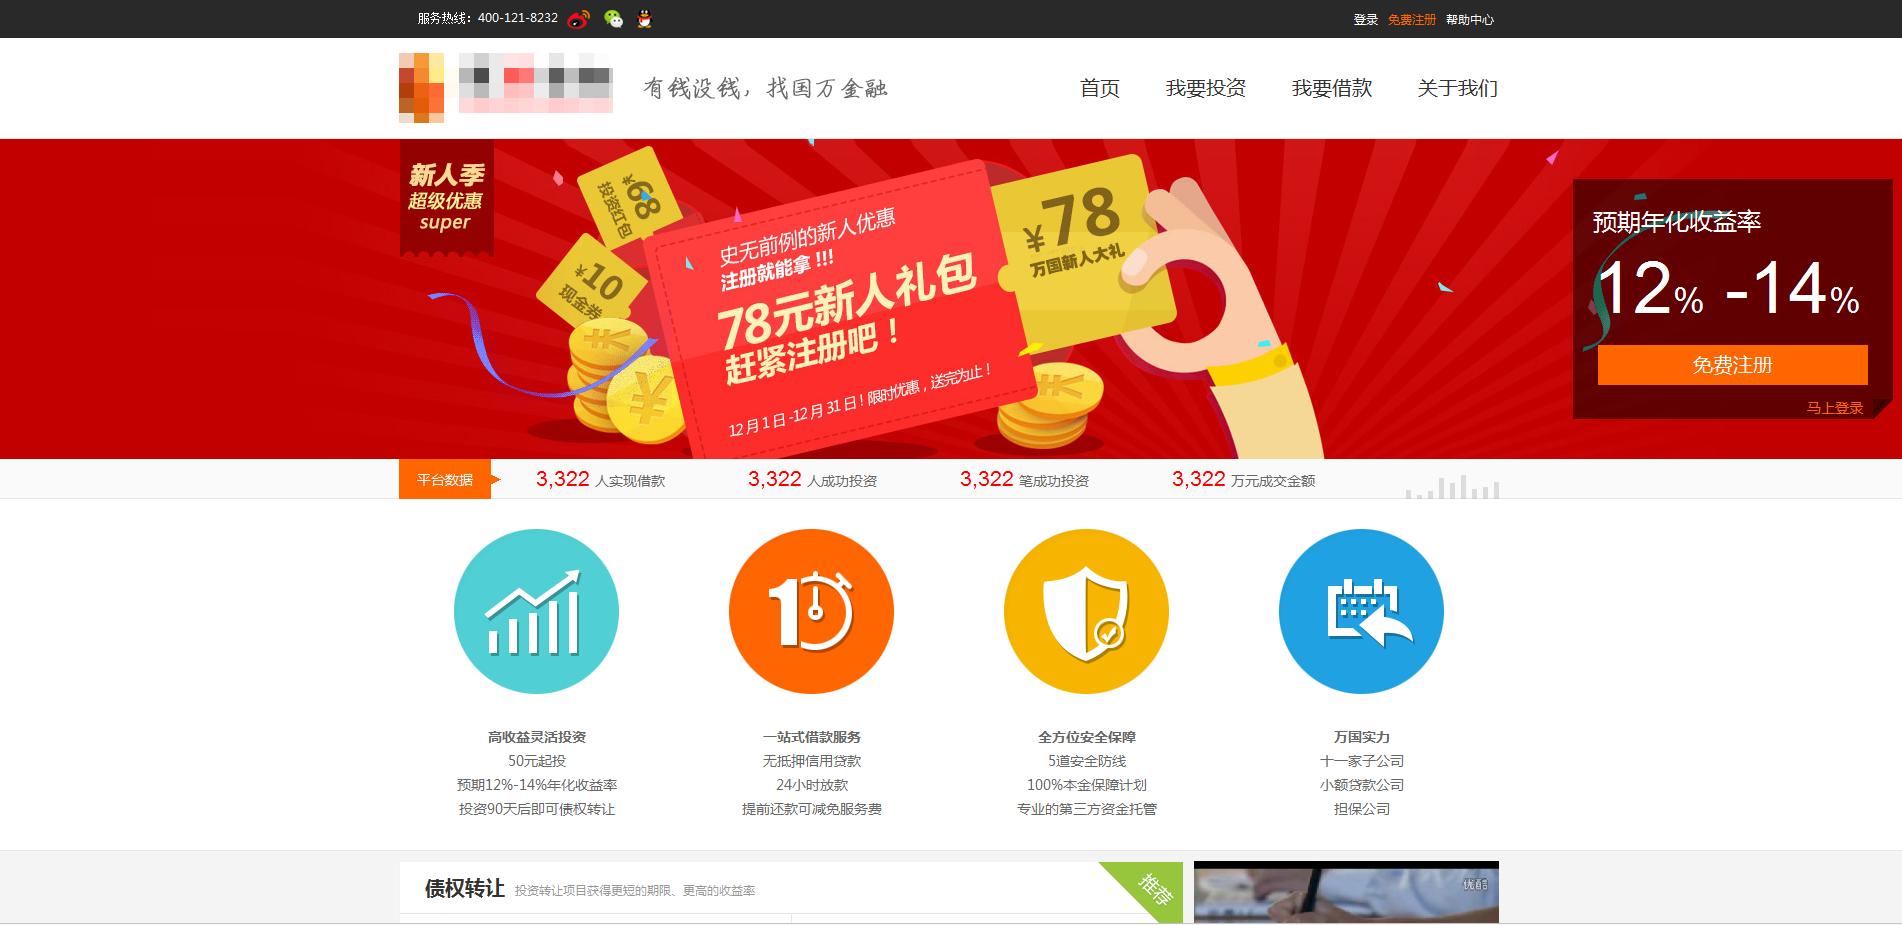 简洁的p2p金融投资平台网站全套模板下载